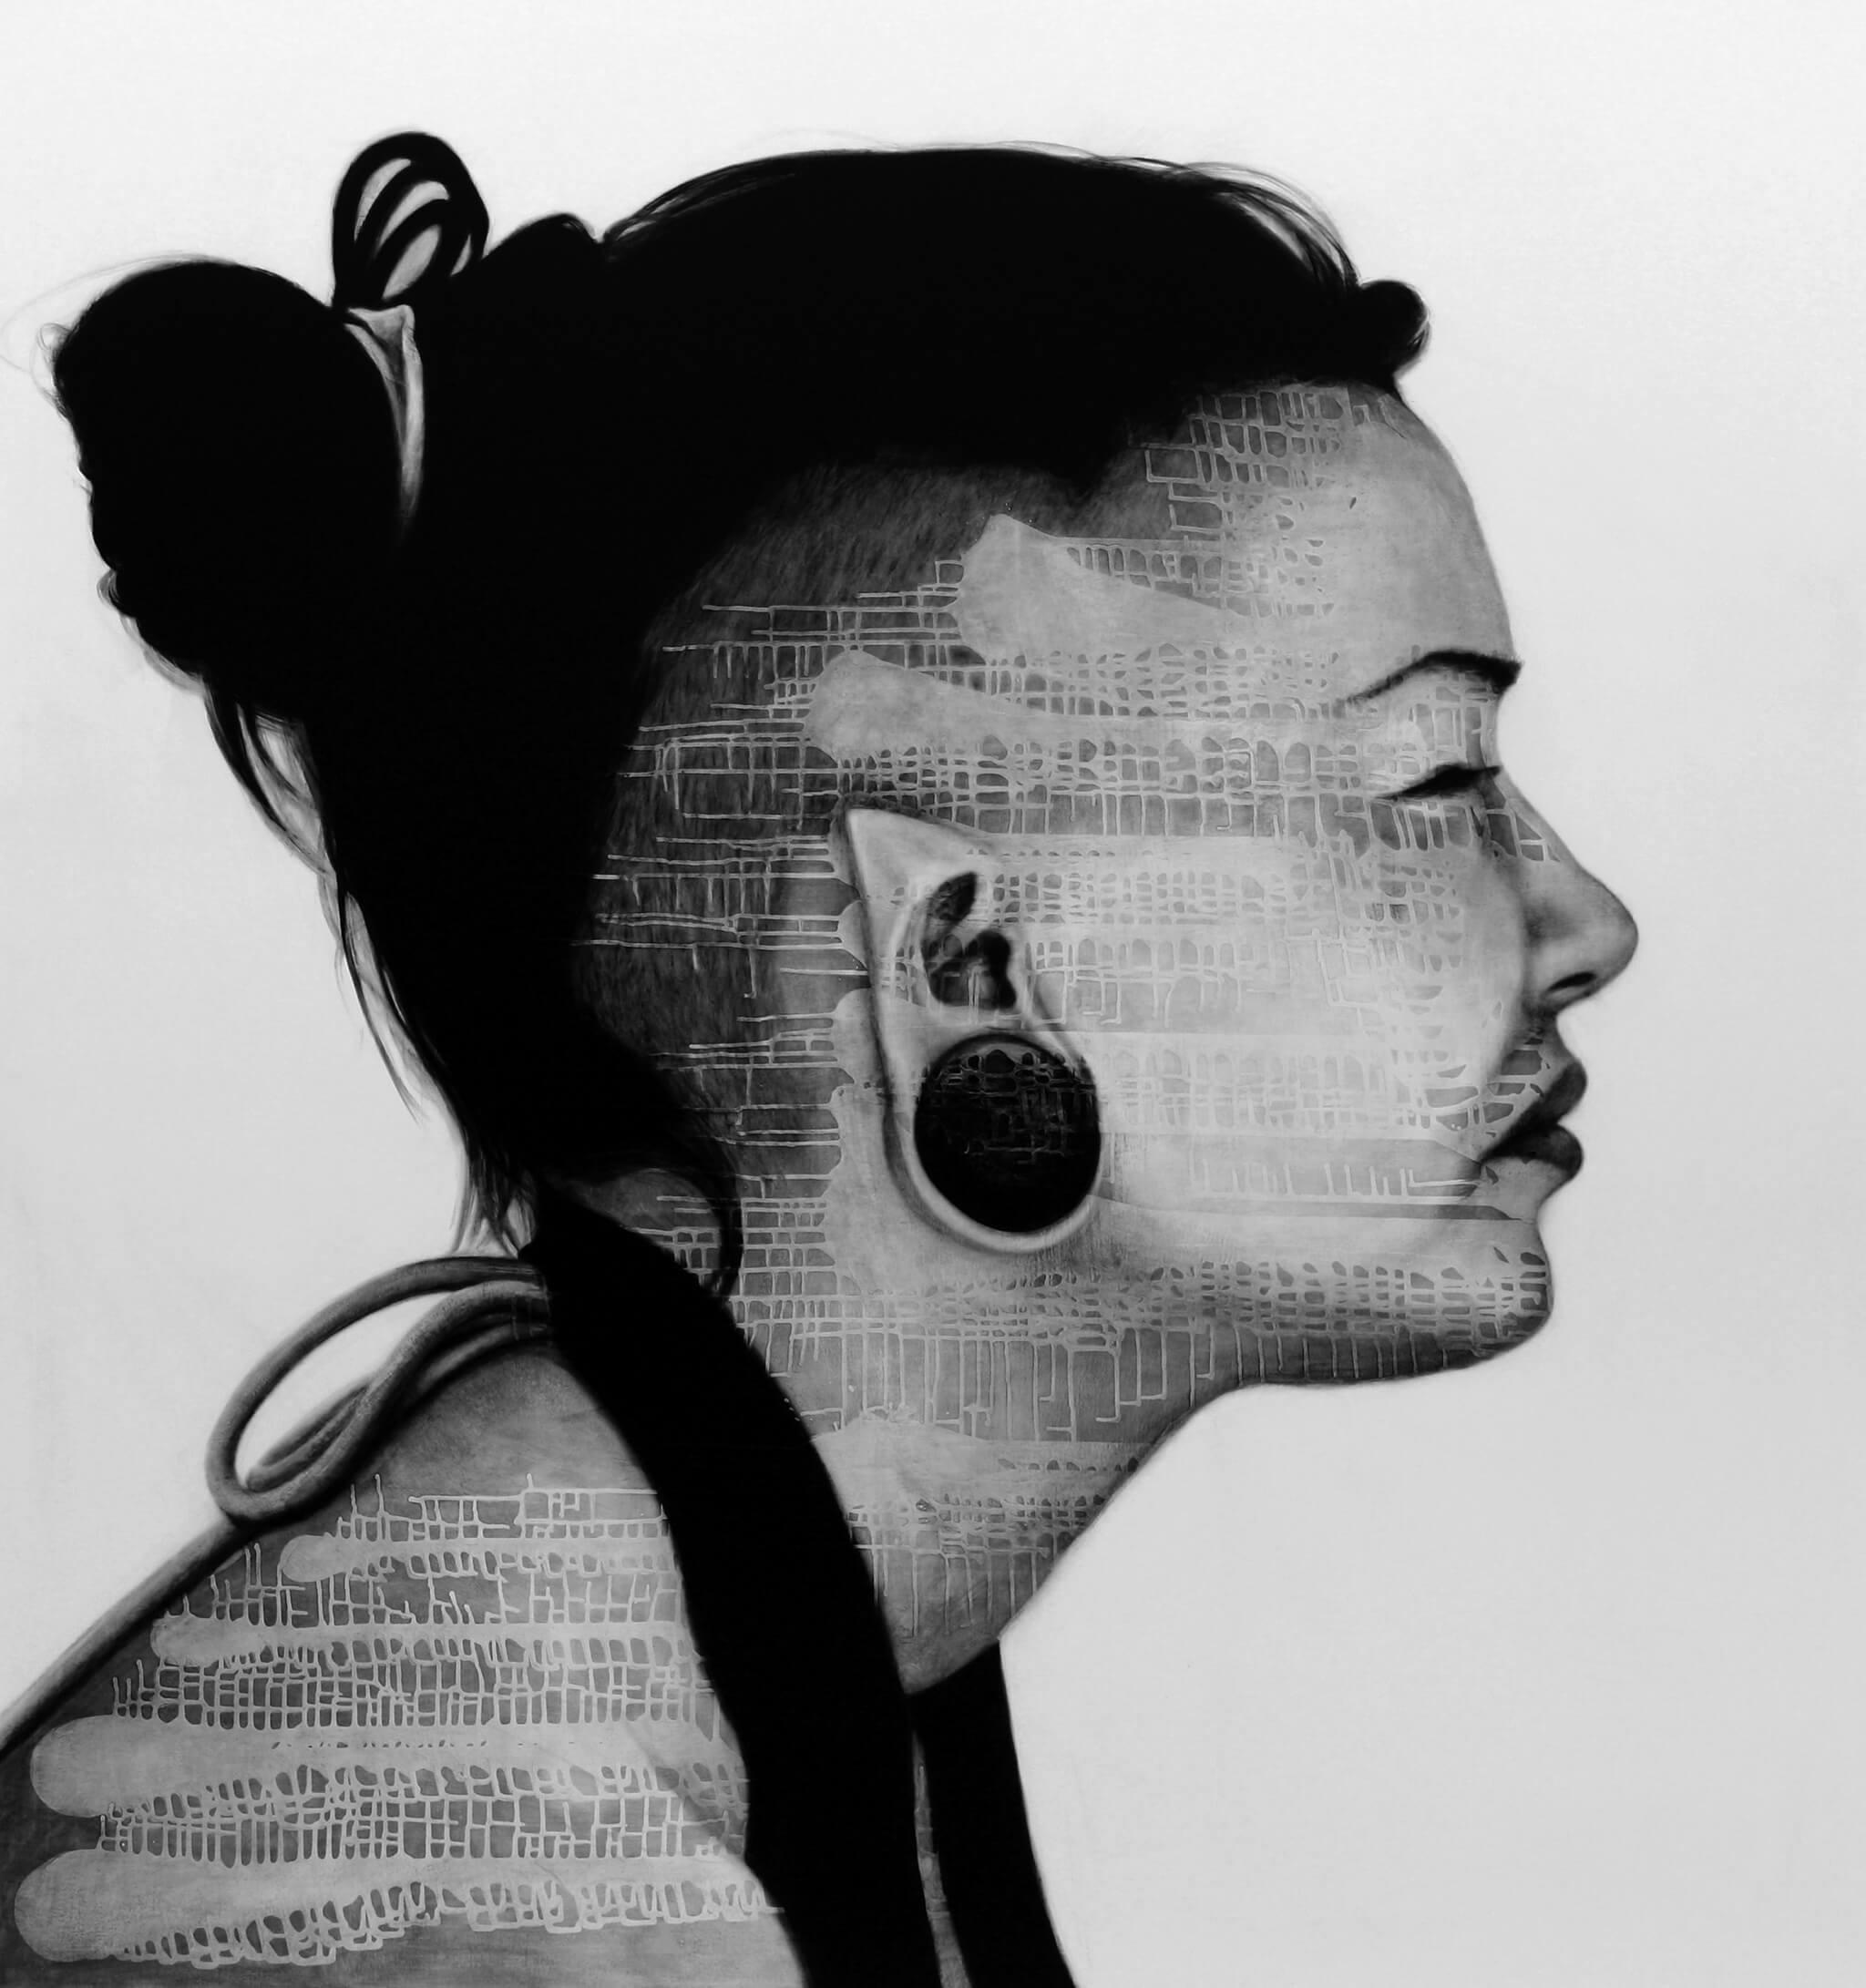 Woman, 2013